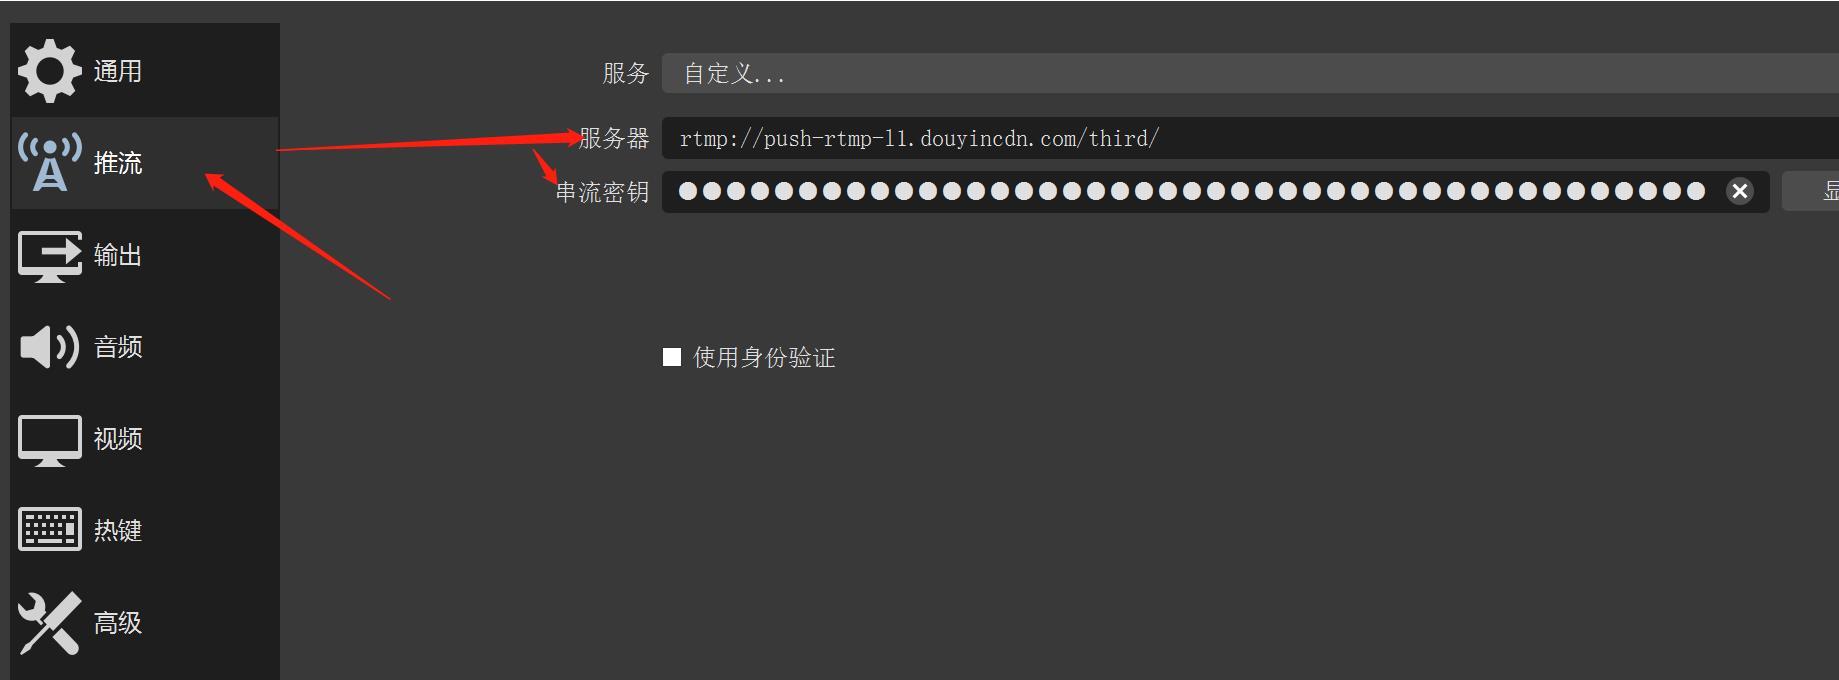 7.推流设置.jpg